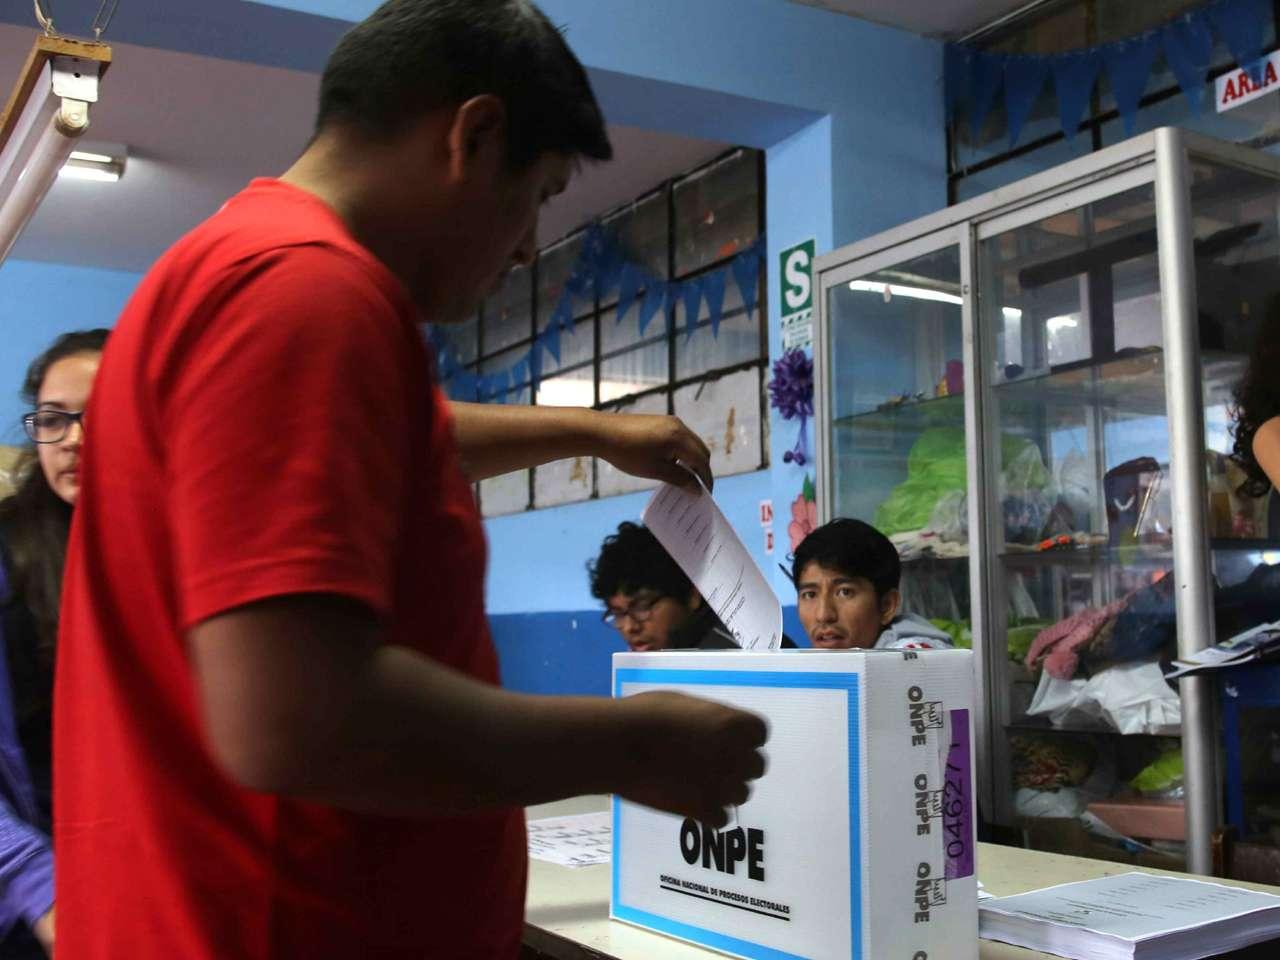 El domingo, unos 21 millones de peruanos acudieron a las urnas para elegir 1,842 alcaldes y 25 gobernadores Foto: EFE